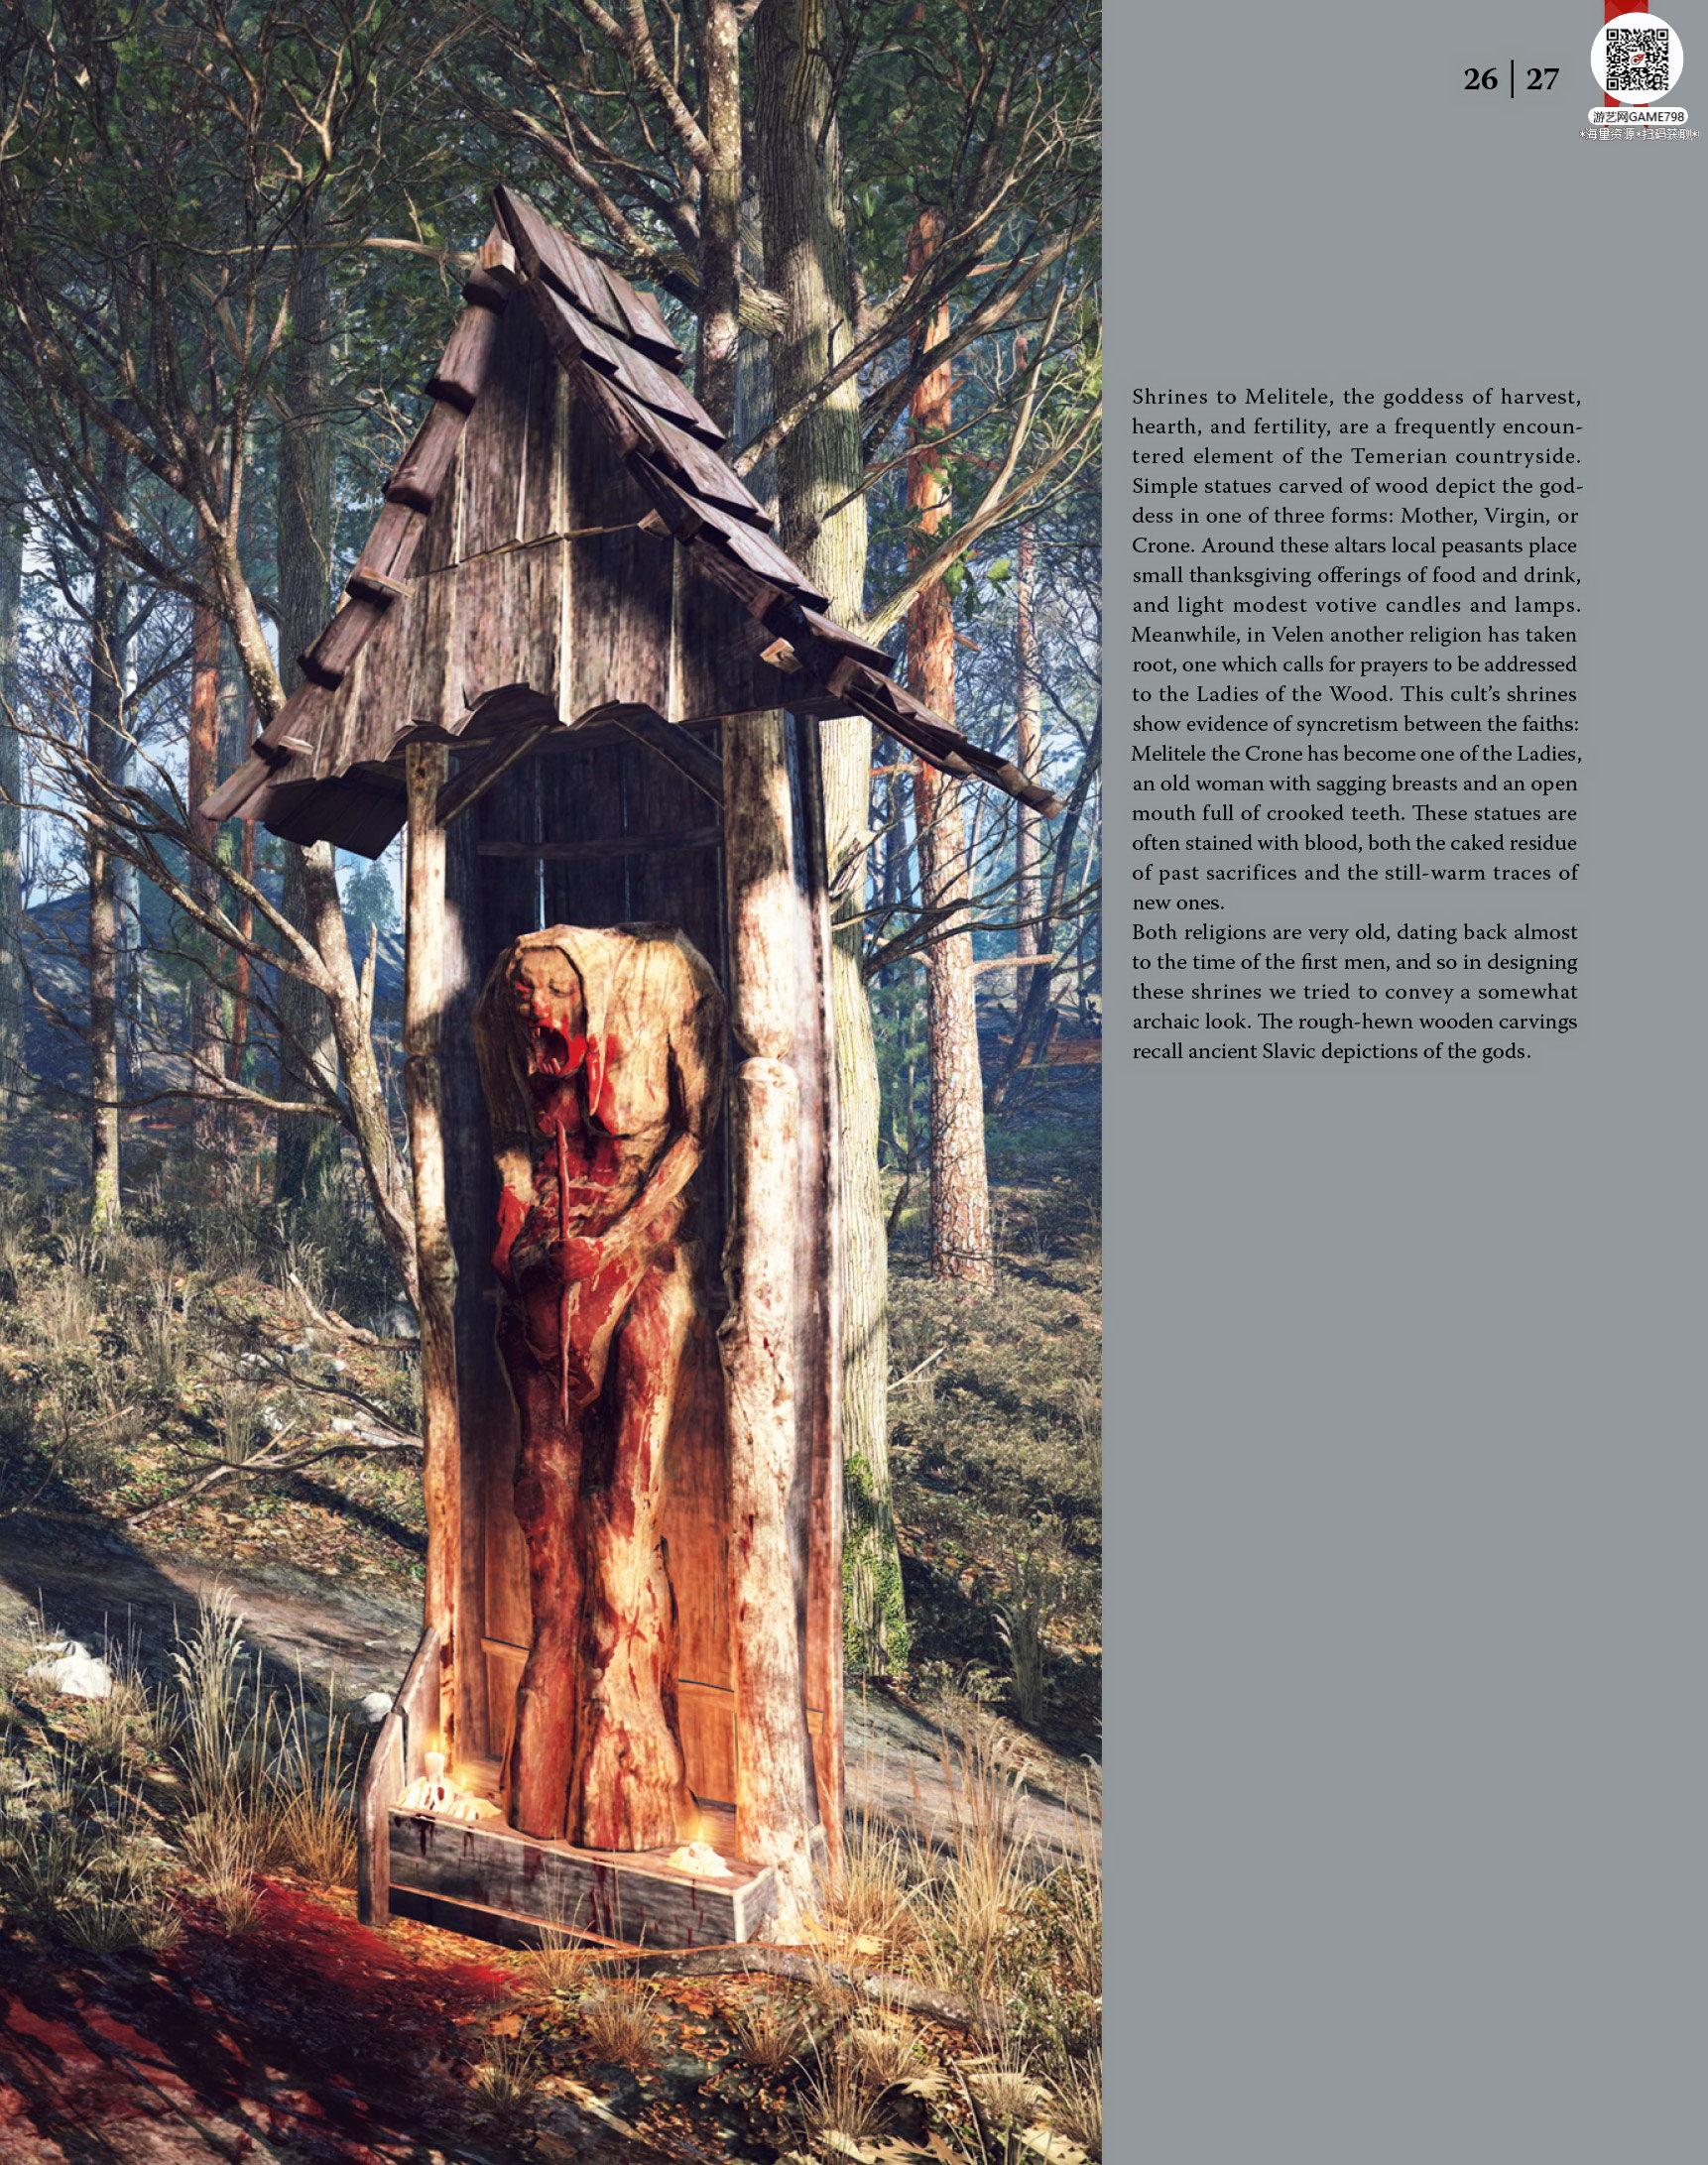 028_关注游艺网公众号获海量资源_次世代游戏巫师3(Witcher)官方原画概念设定.jpg